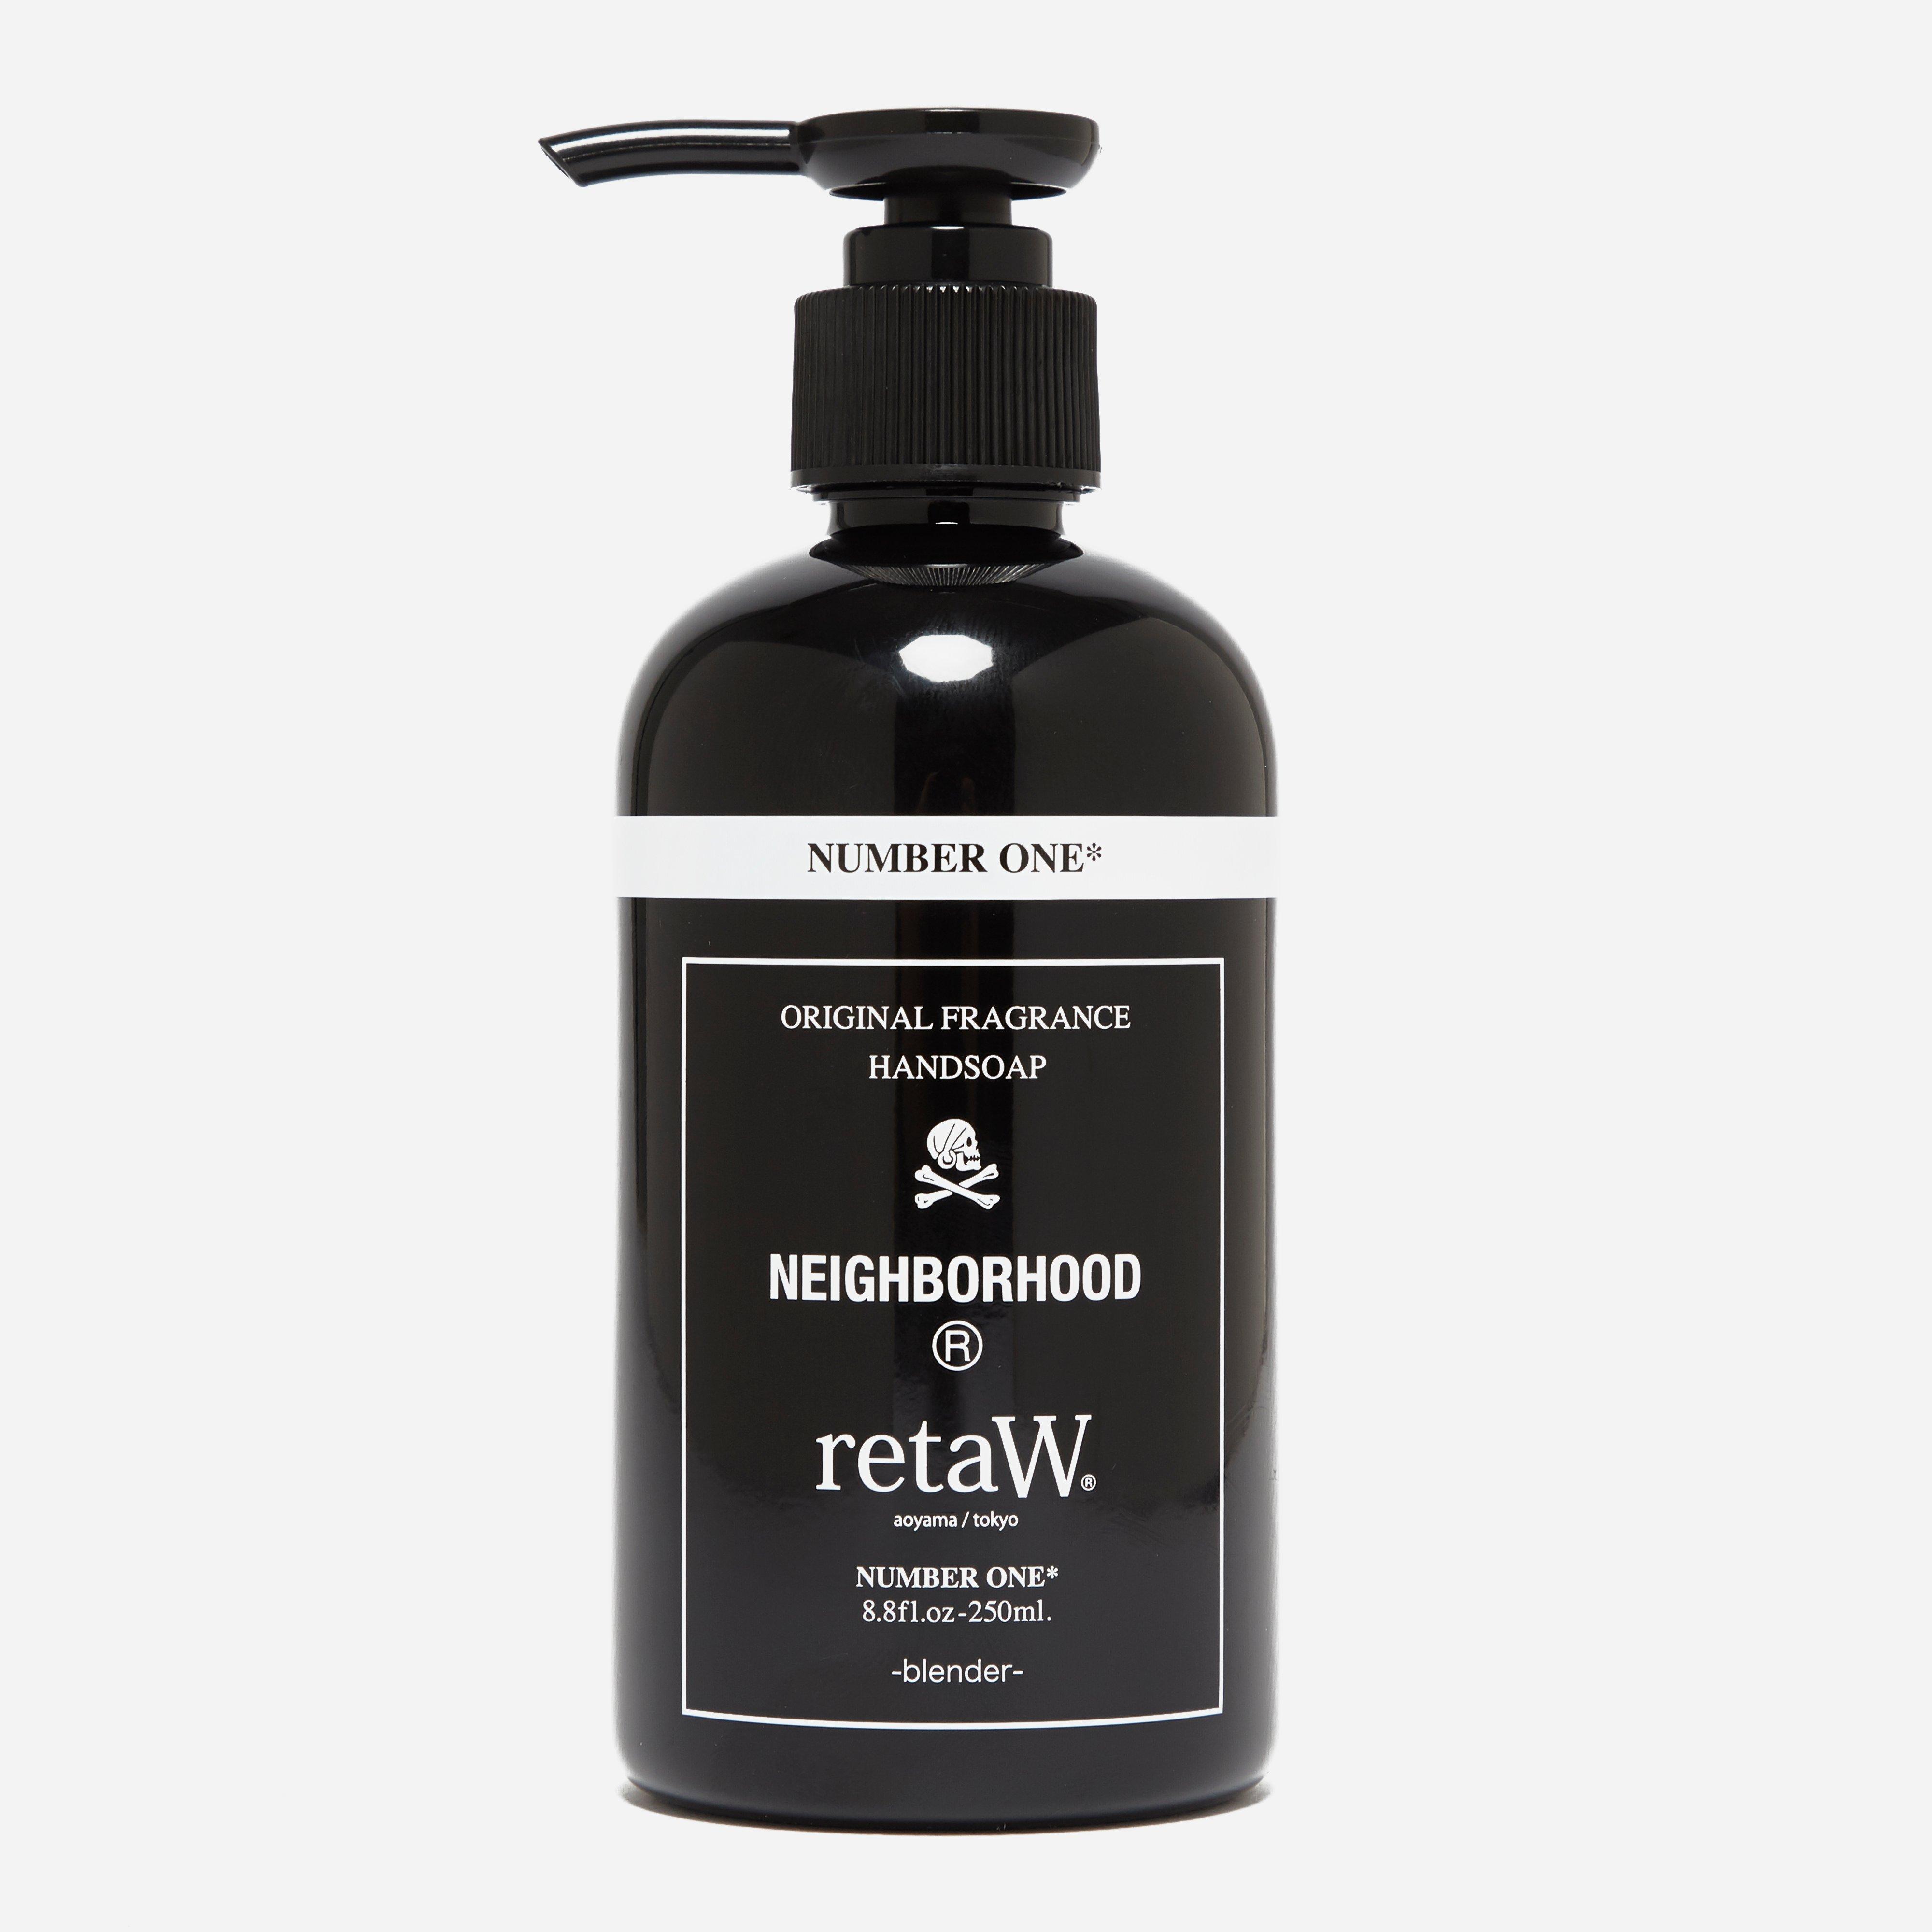 Neighborhood X retaW Hand Soap